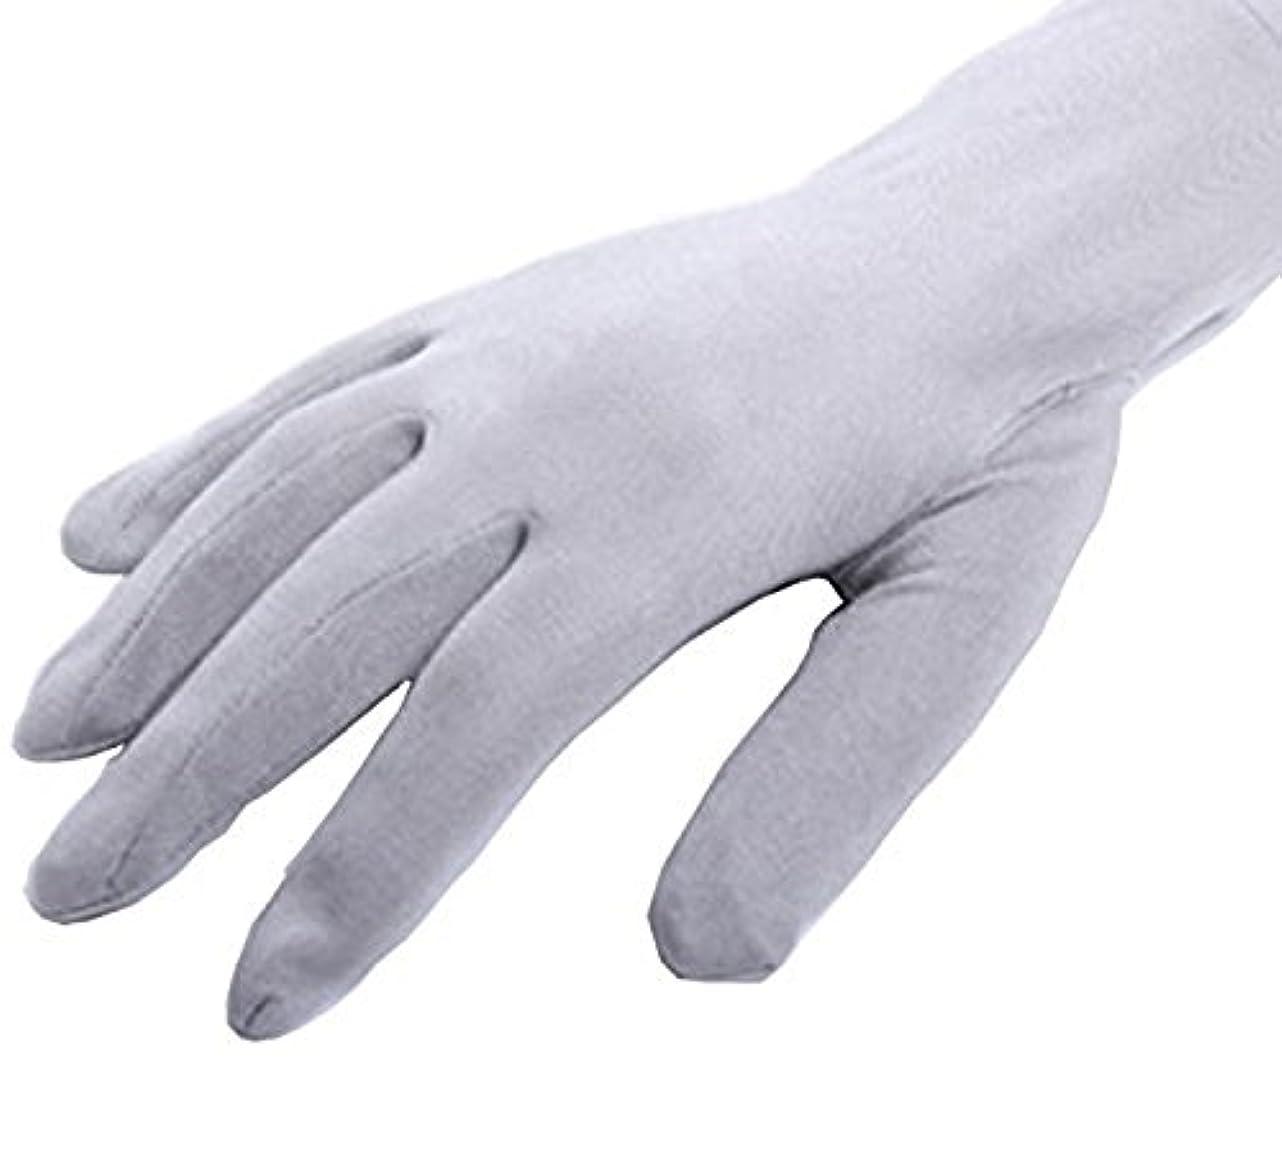 魅力的であることへのアピールパックシガレットCREPUSCOLO 手荒れ対策! シルク手袋 おやすみ 手袋 保湿ケア UVカット ハンドケア シルク100% 全7色 (ライトグレー)